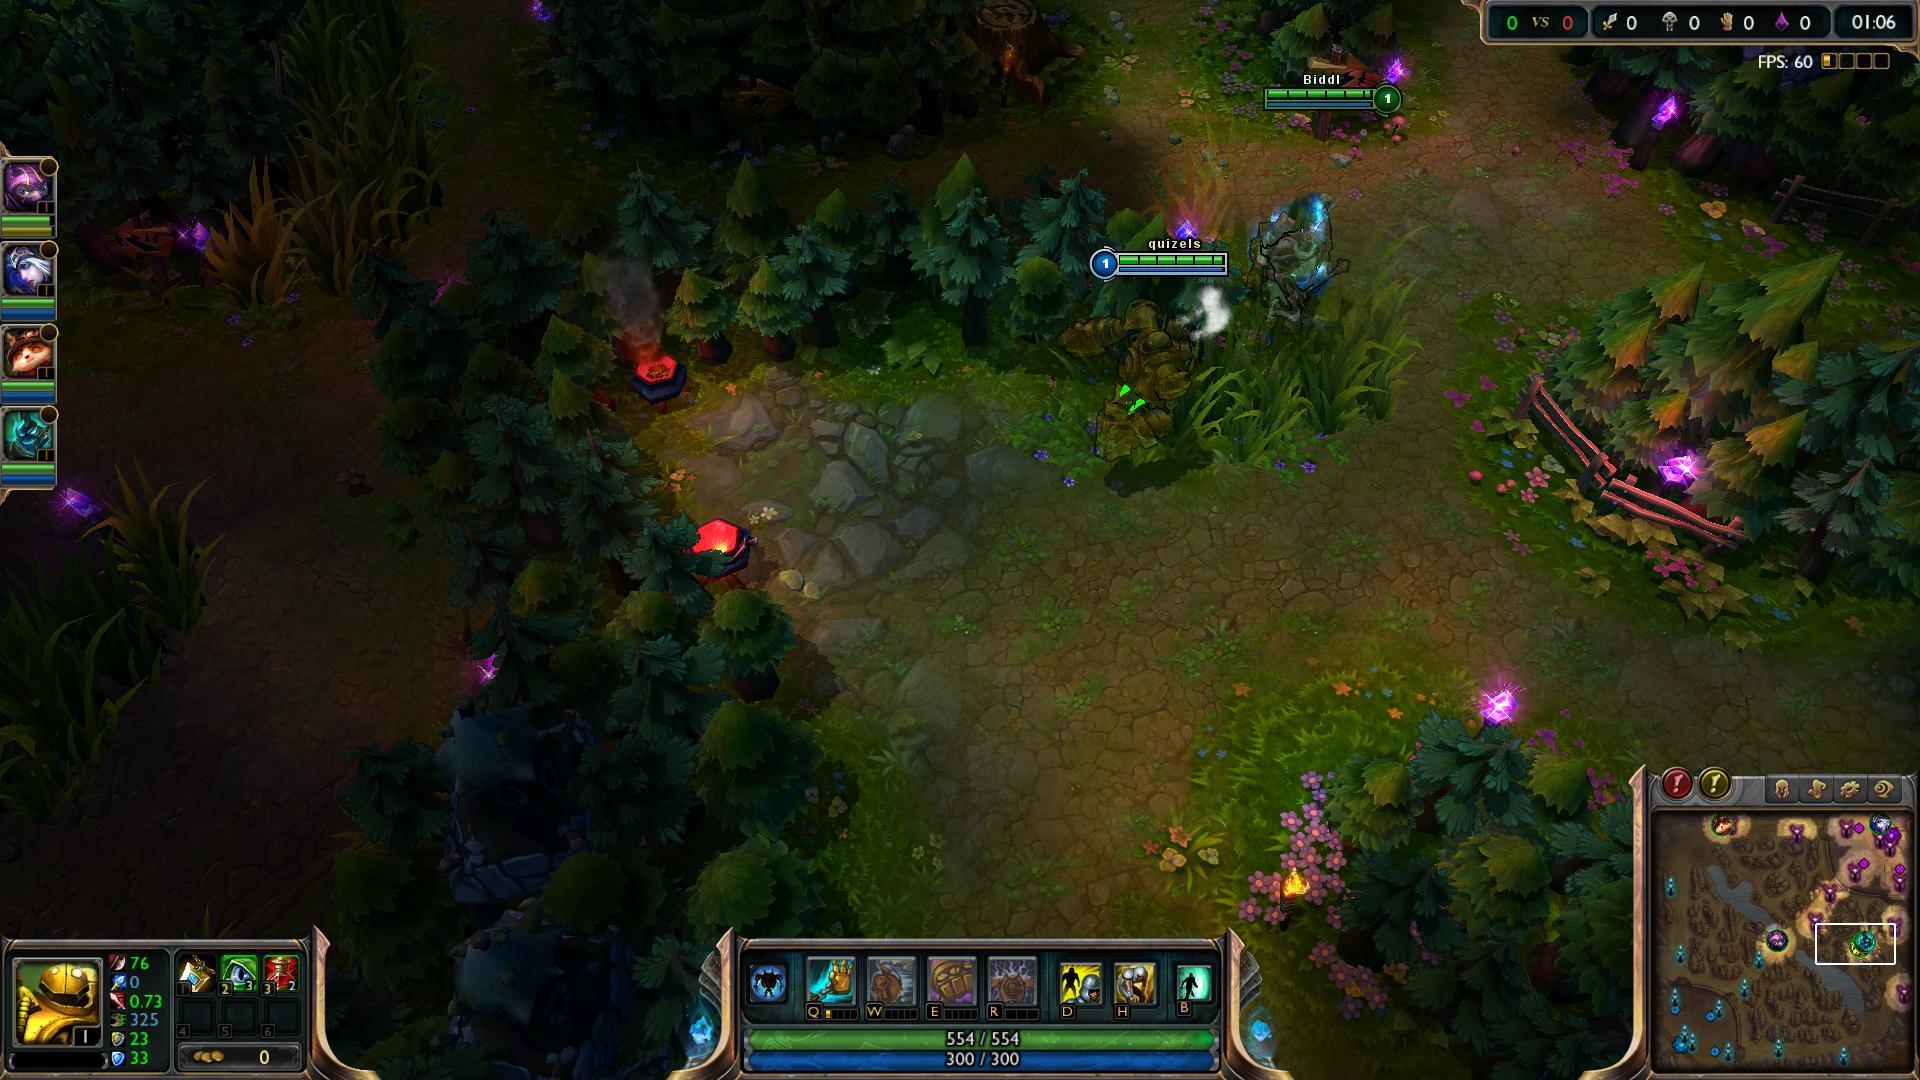 Blitzcrank League of Legends lol screenshot - Gamingcfg com